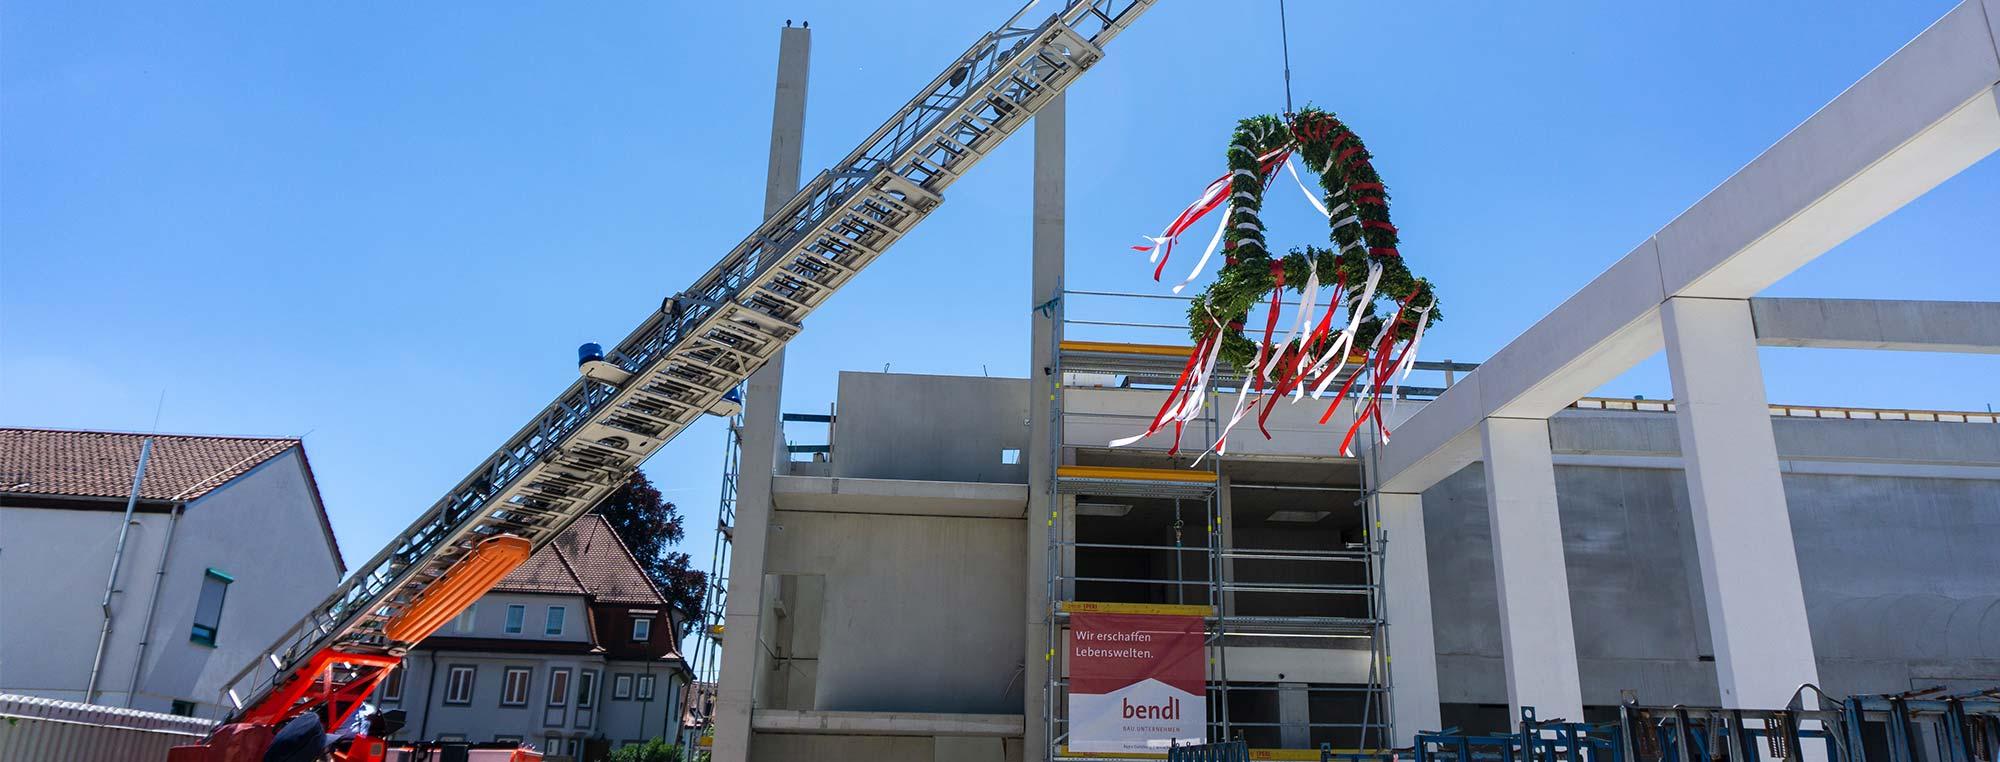 Günzburger Feuerwache feiert Richtfest für das 9. Mio. Bauprojekt.